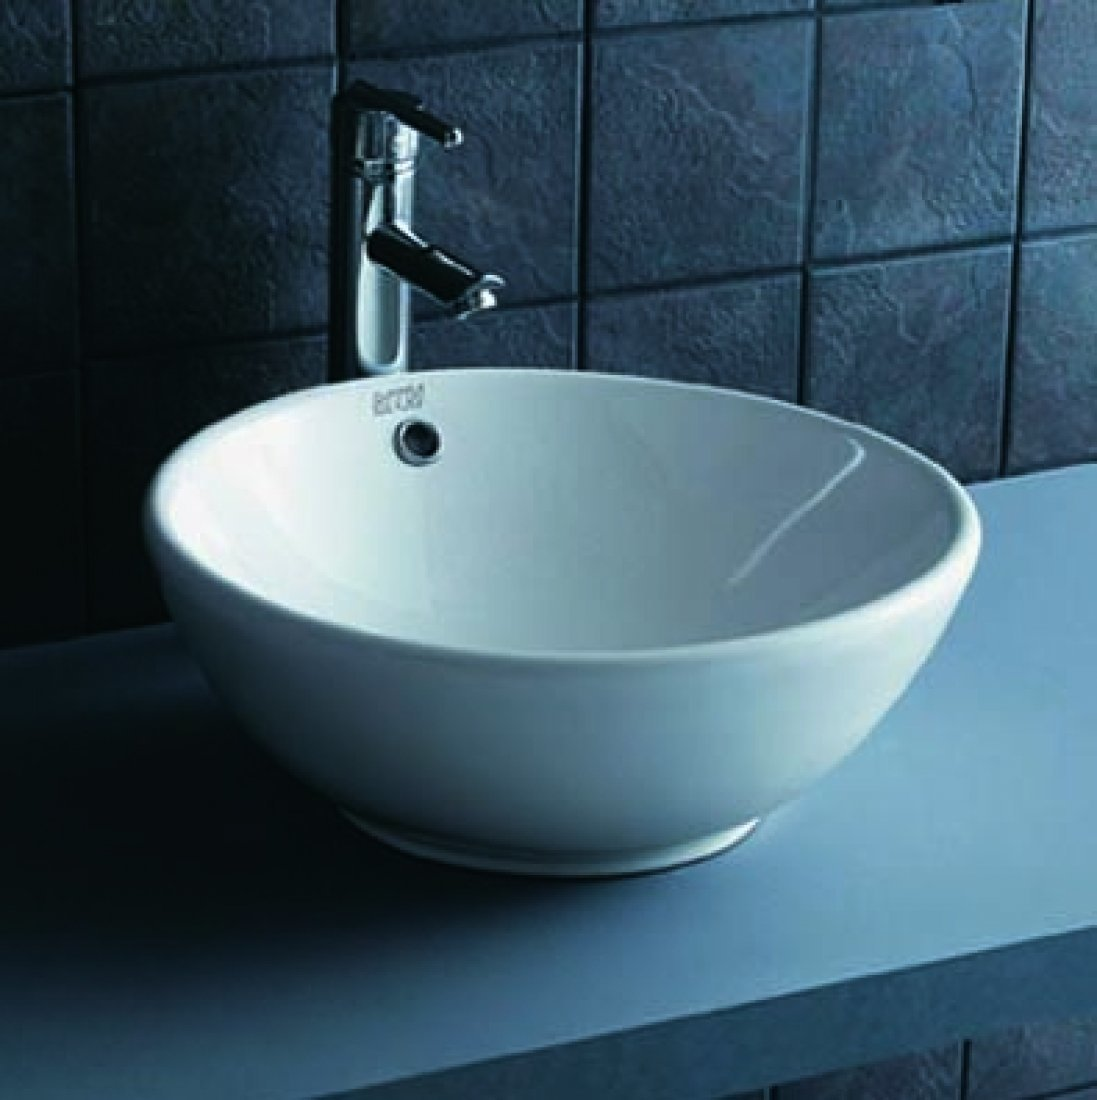 Maia vasque lavabo en porcelaine 17 39 39 x17 39 39 x6 5 39 39 en for Vasque ancienne en porcelaine